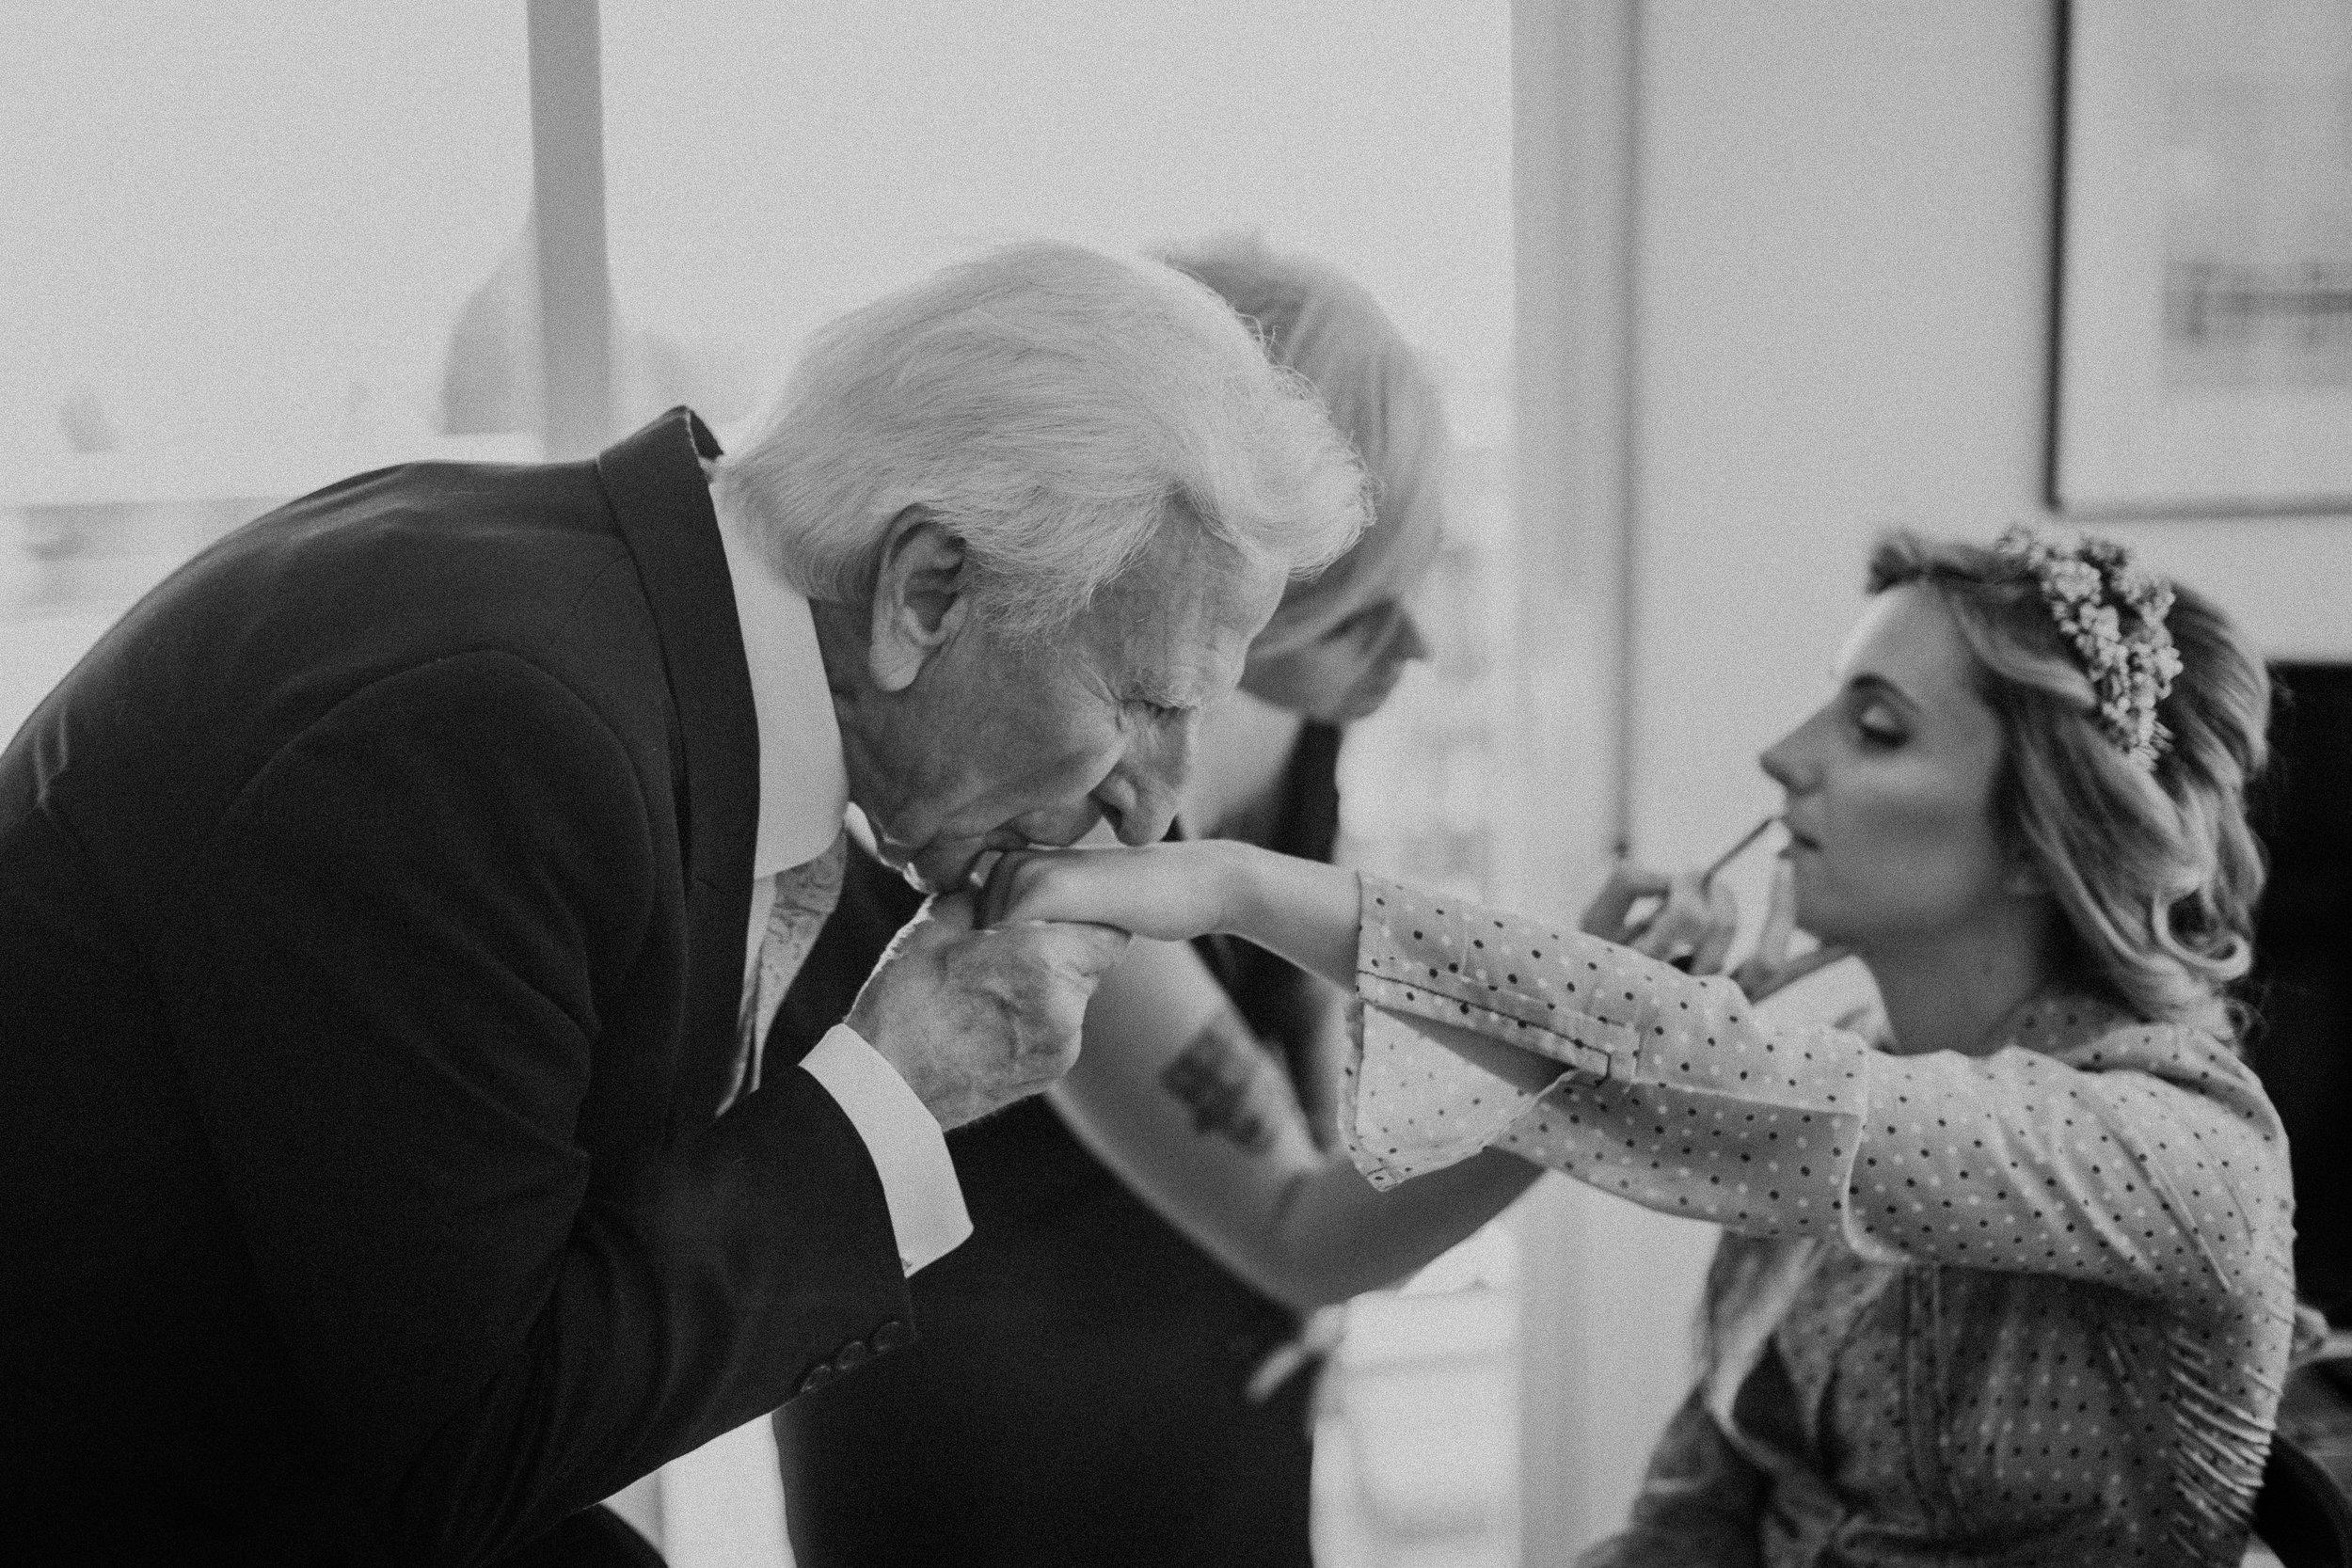 Fotografo de bodas españa serafin castillo wedding photographer spain 958.jpg